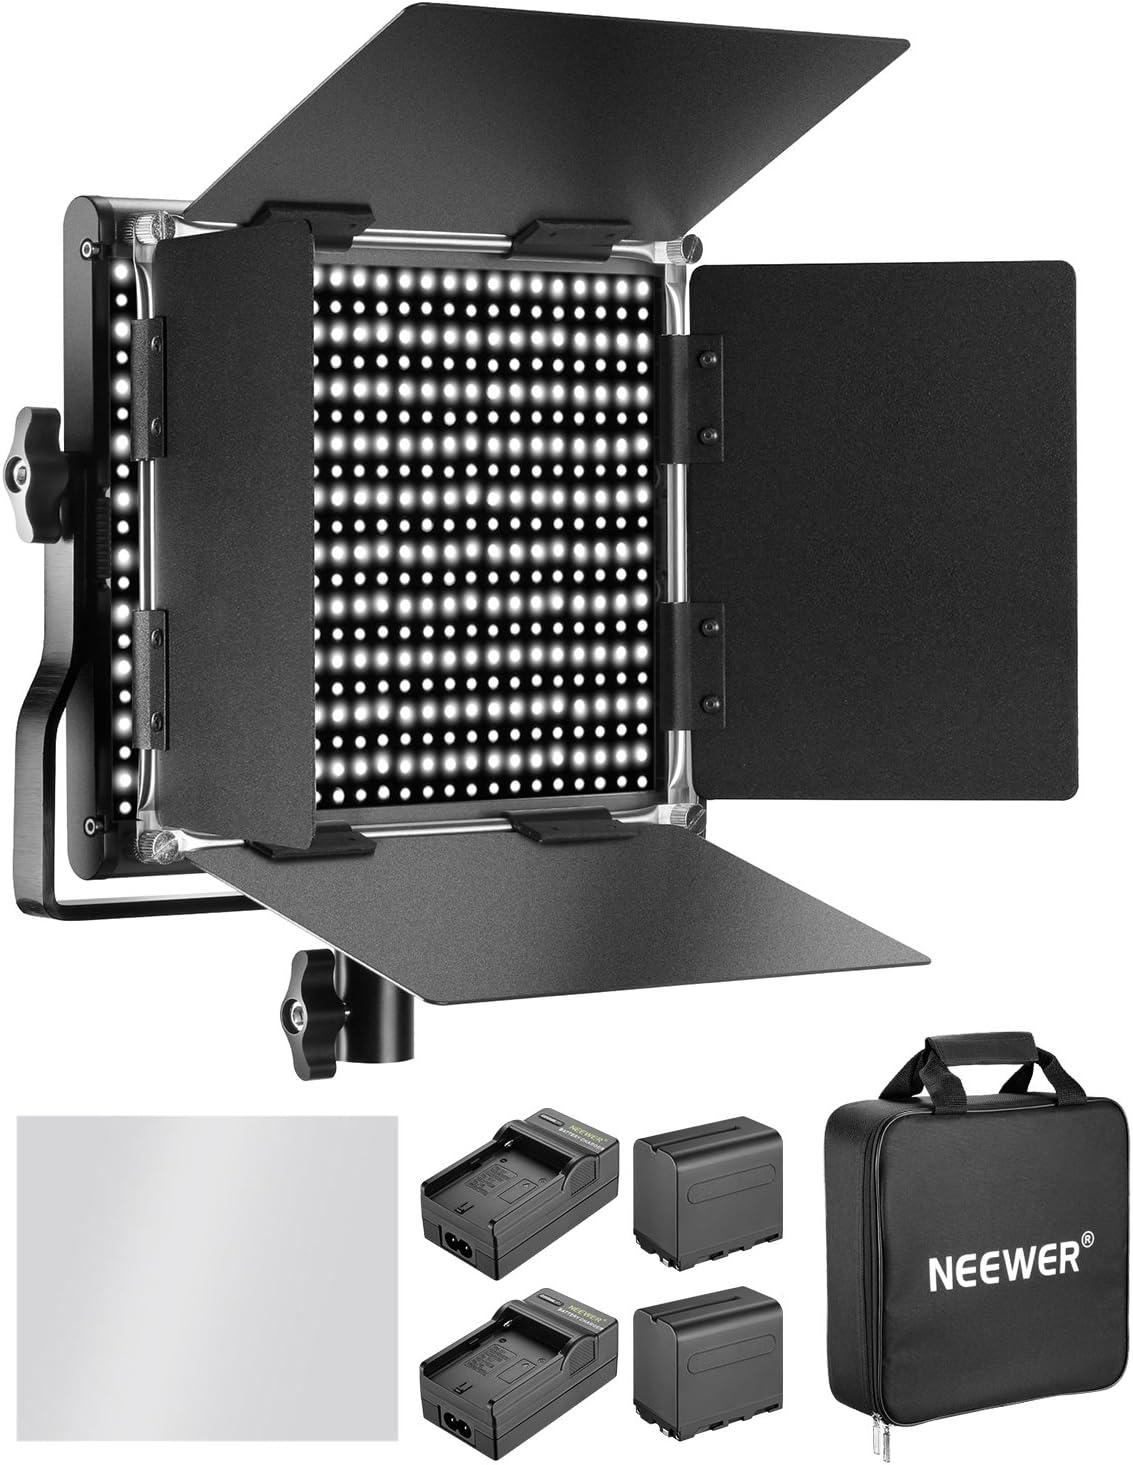 Neewer - Luz de vídeo LED Bicolor Regulable para cámara (LED, Negra, Incluye batería y Cargador): Amazon.es: Electrónica